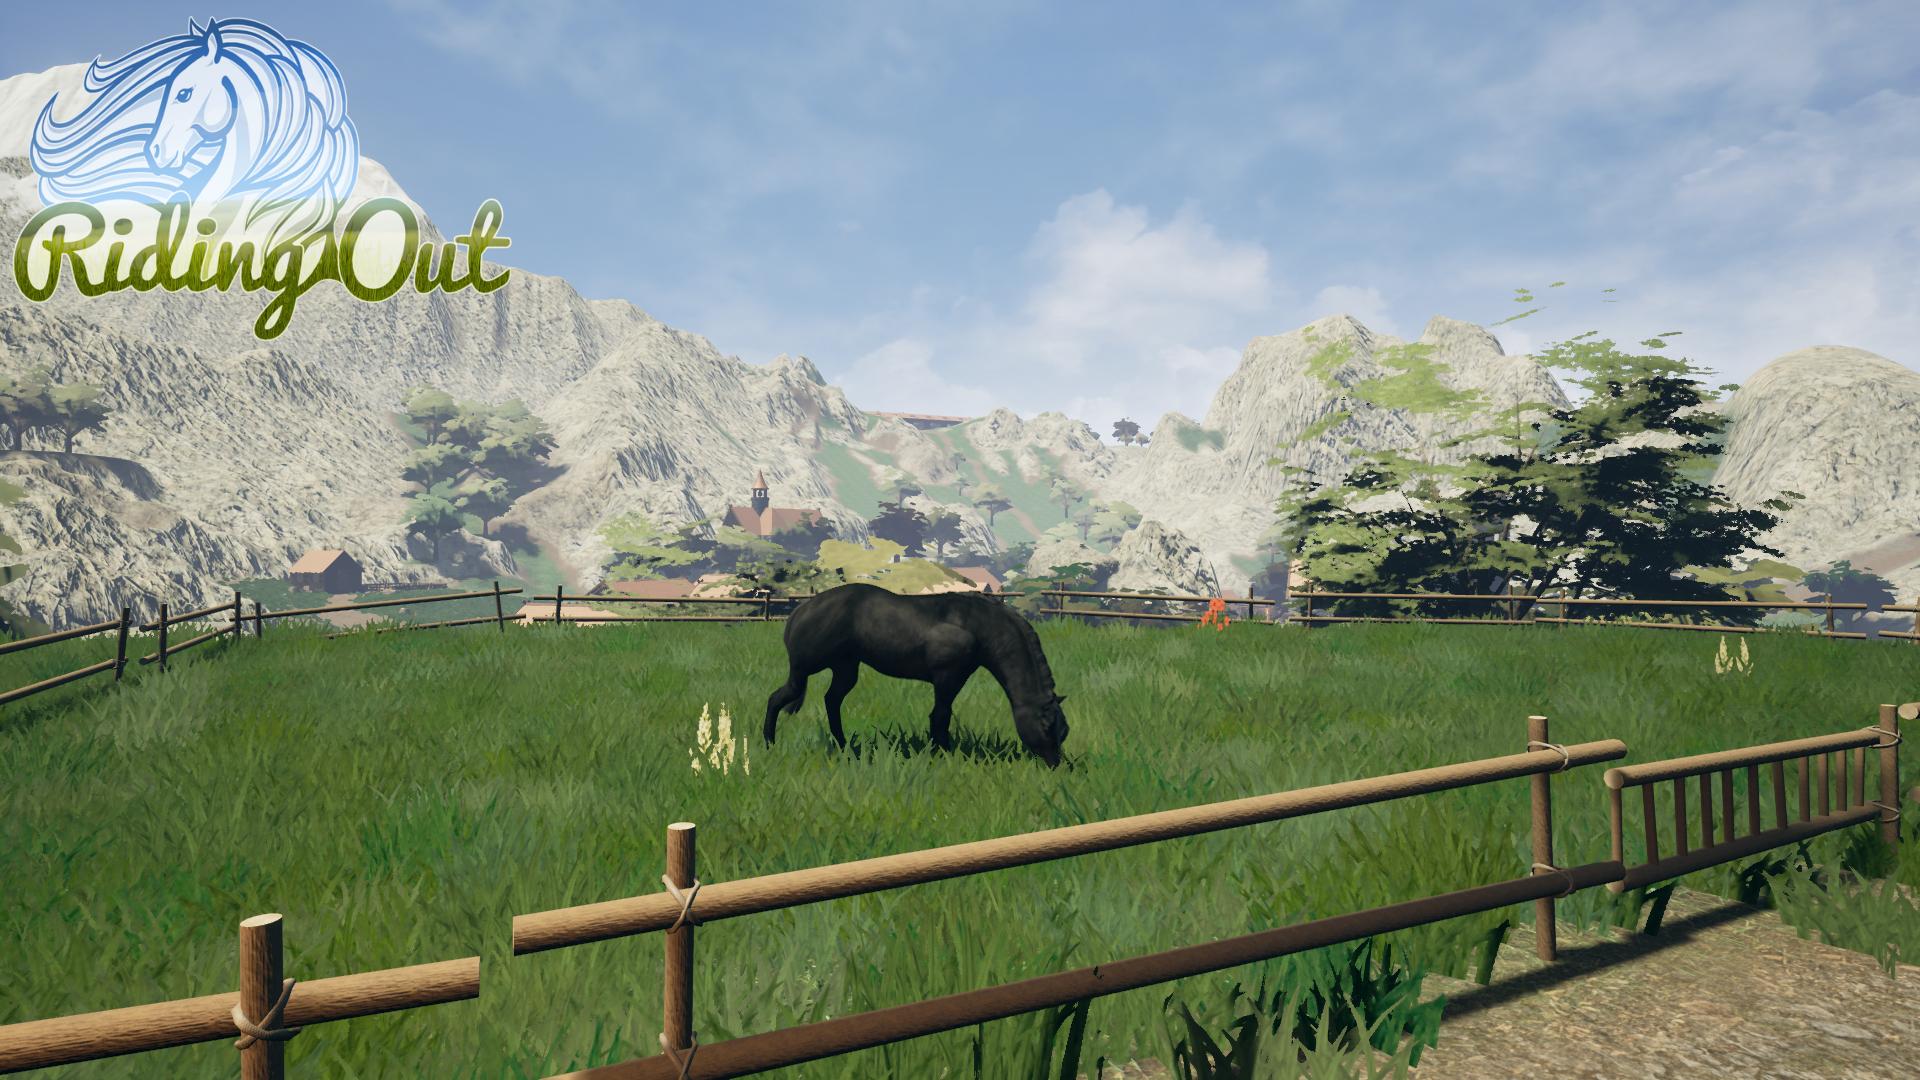 riding out играть онлайн